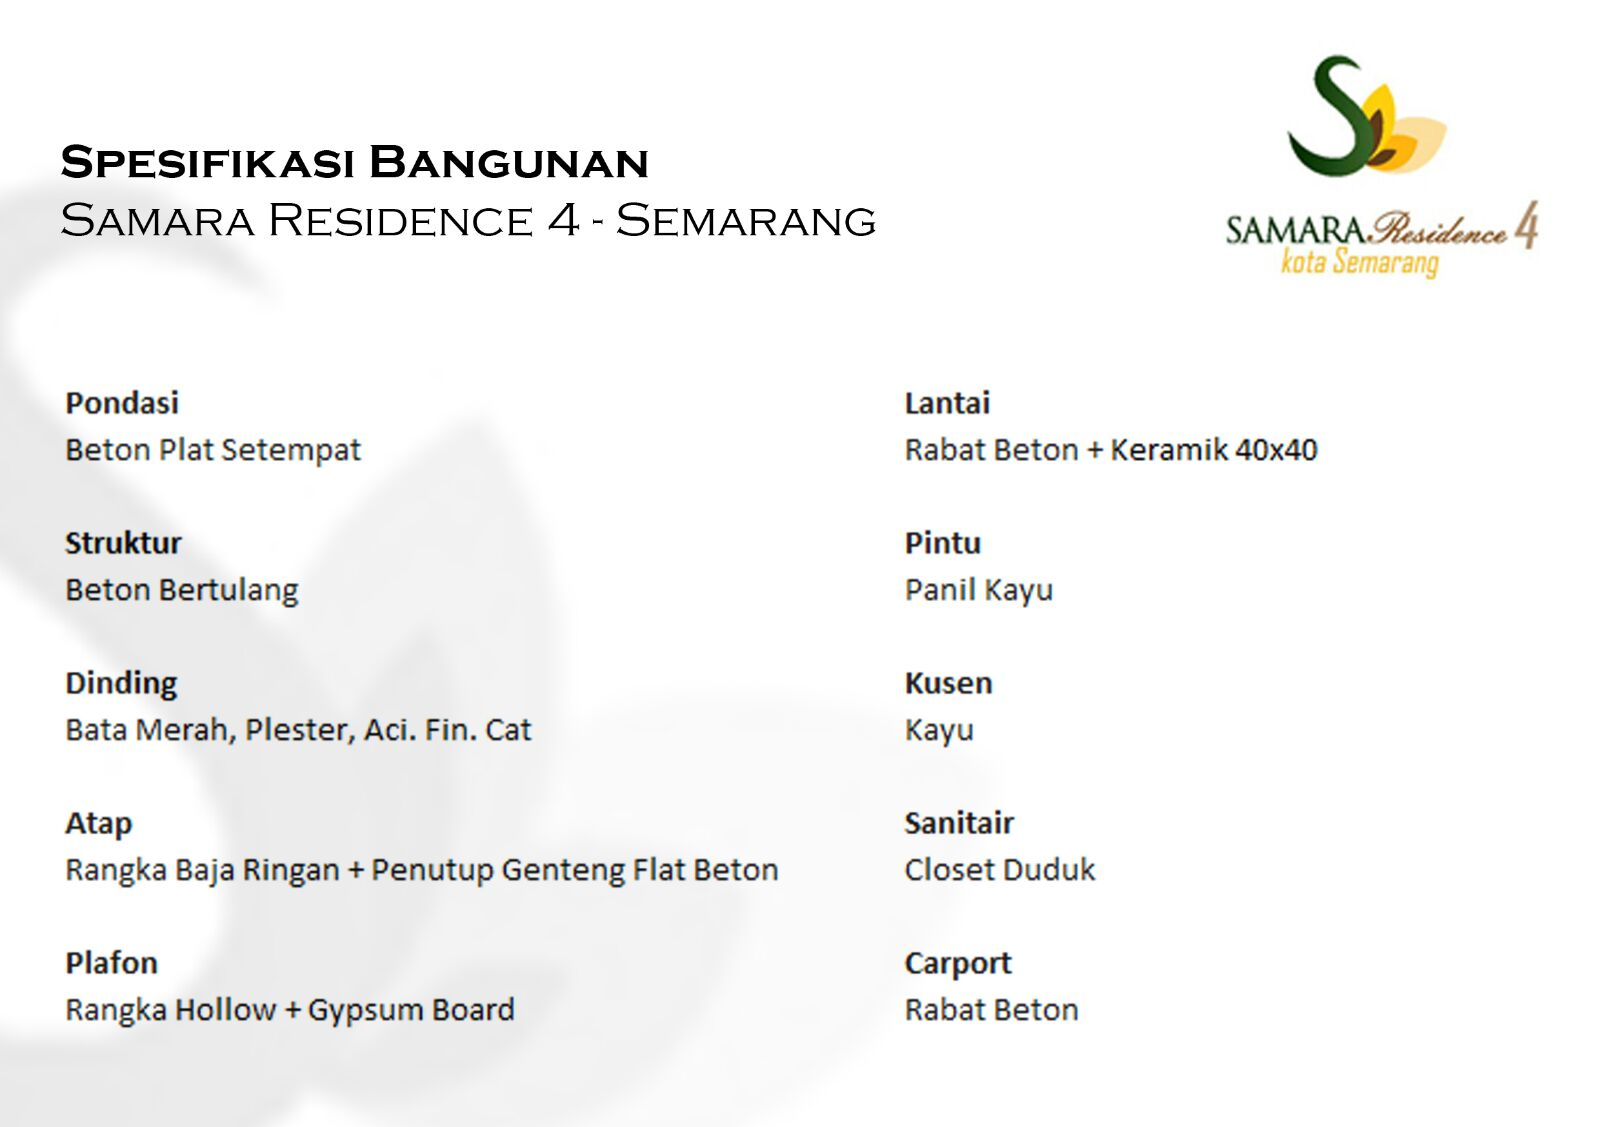 Rumah KPR Syariah Semarang Samara Residence 4